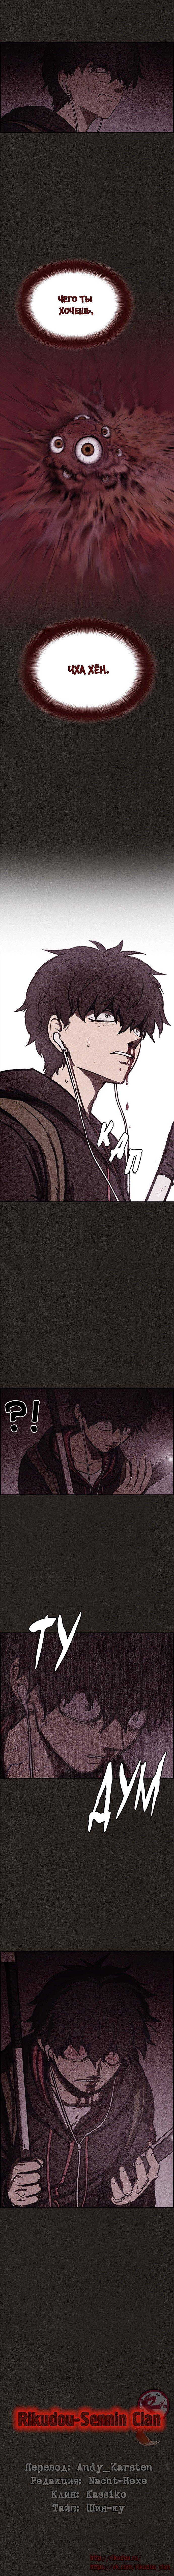 Манга Милый дом / Sweet Home (HWANG Youngchan) - Том 1 Глава 20 Страница 8